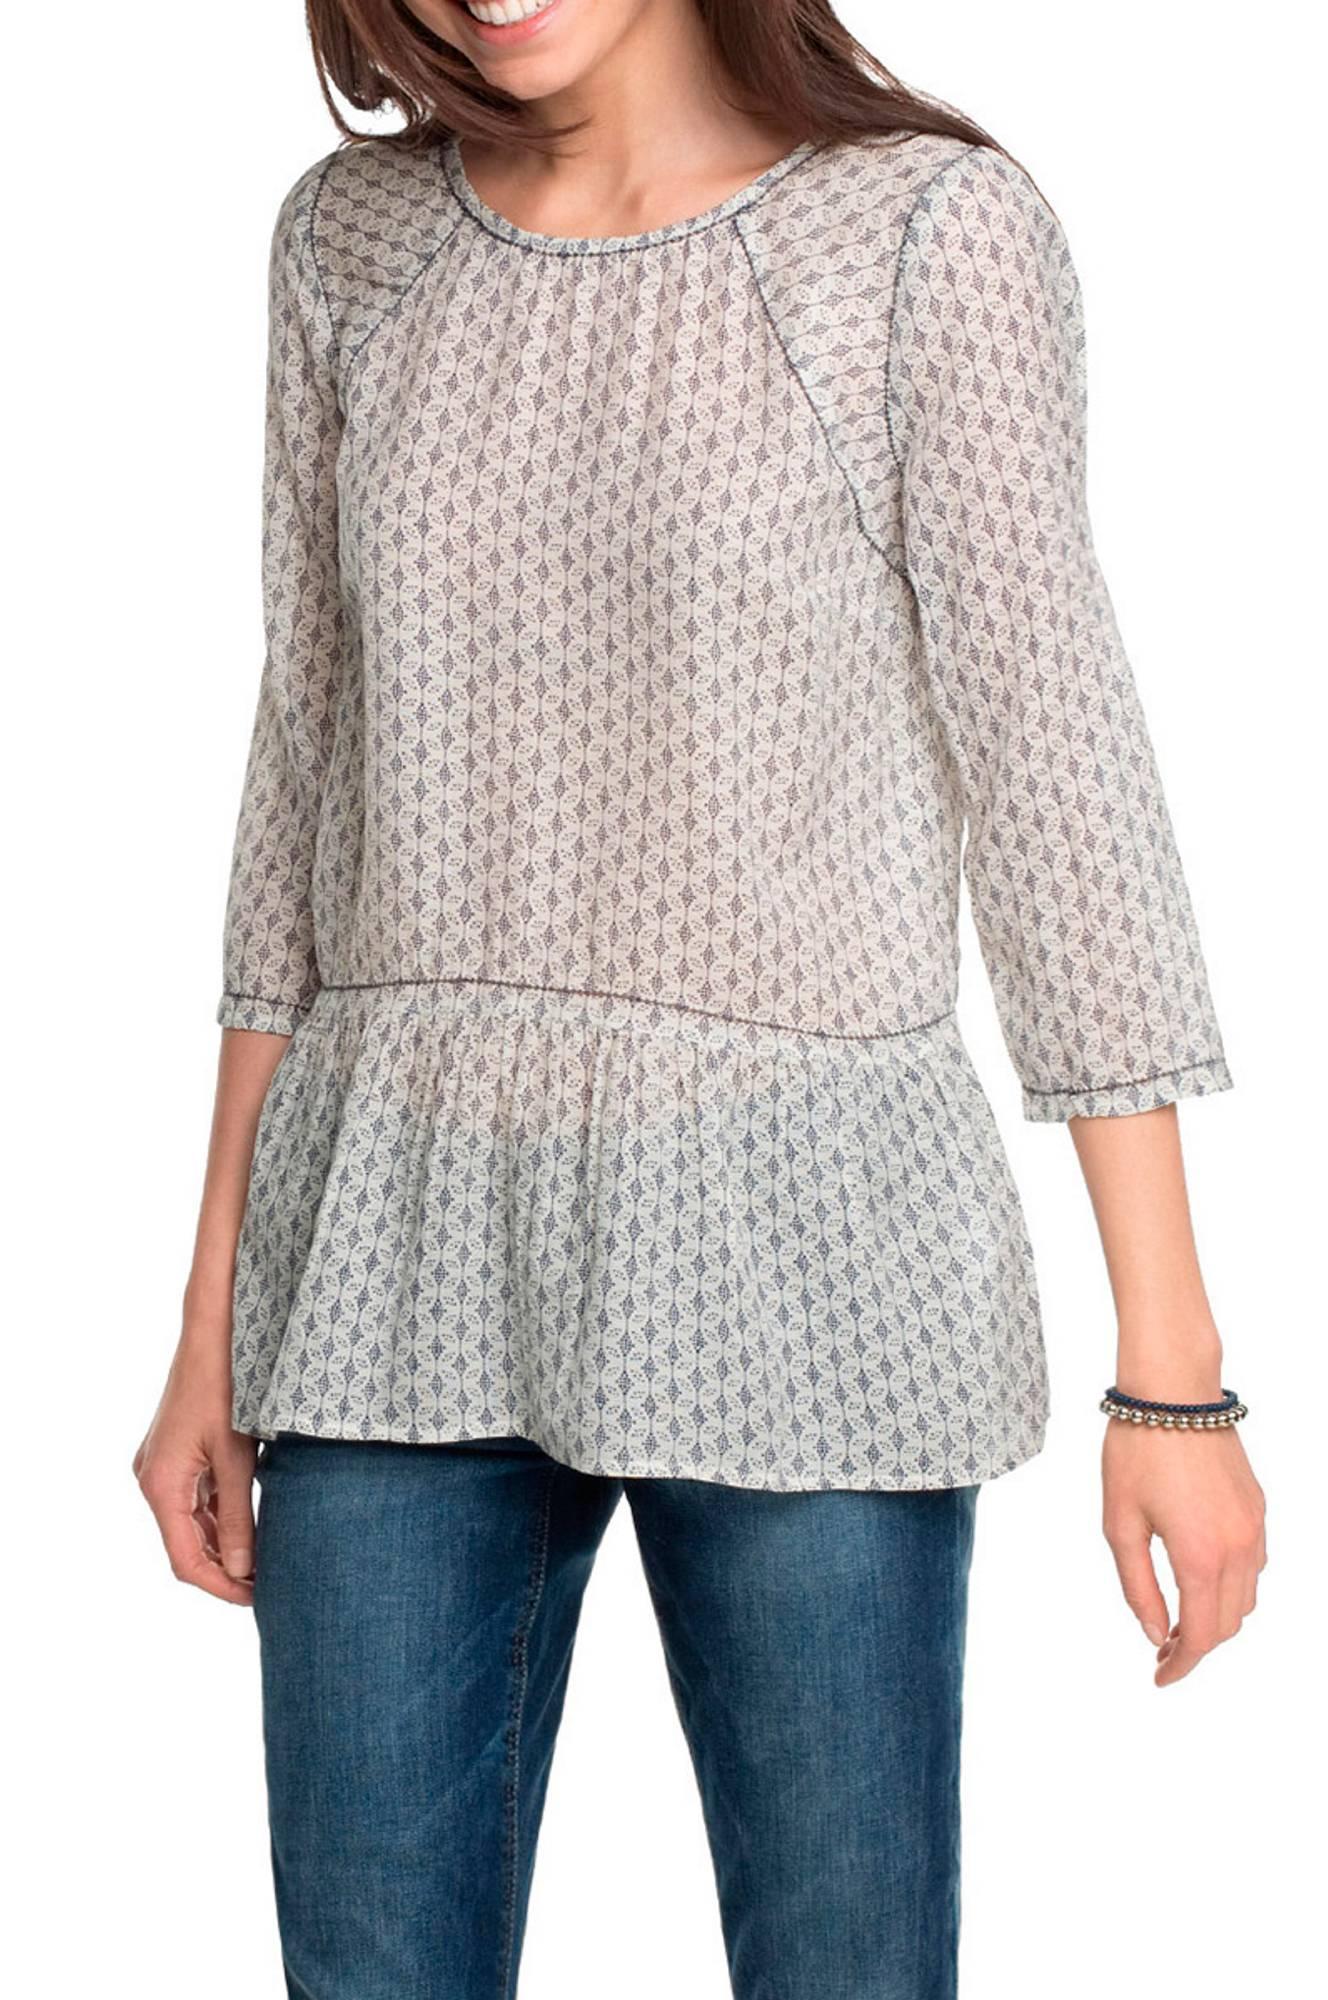 Bluse mønstret Esprit Skjorter & bluser til Kvinder i Hvid/blåmønstret